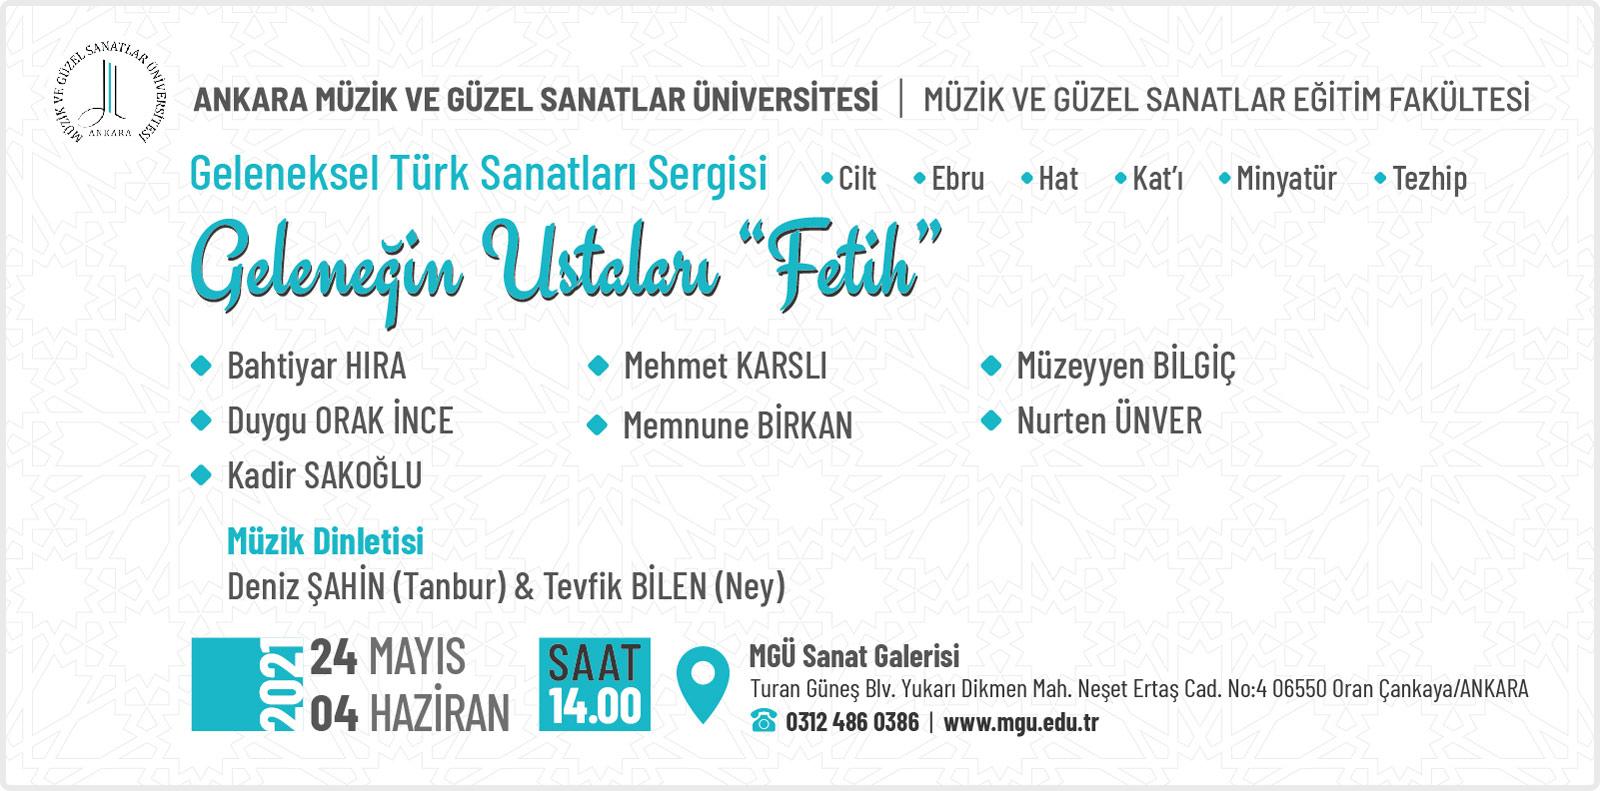 Geleneğin Ustaları 'Fetih' Geleneksel Türk Sanat